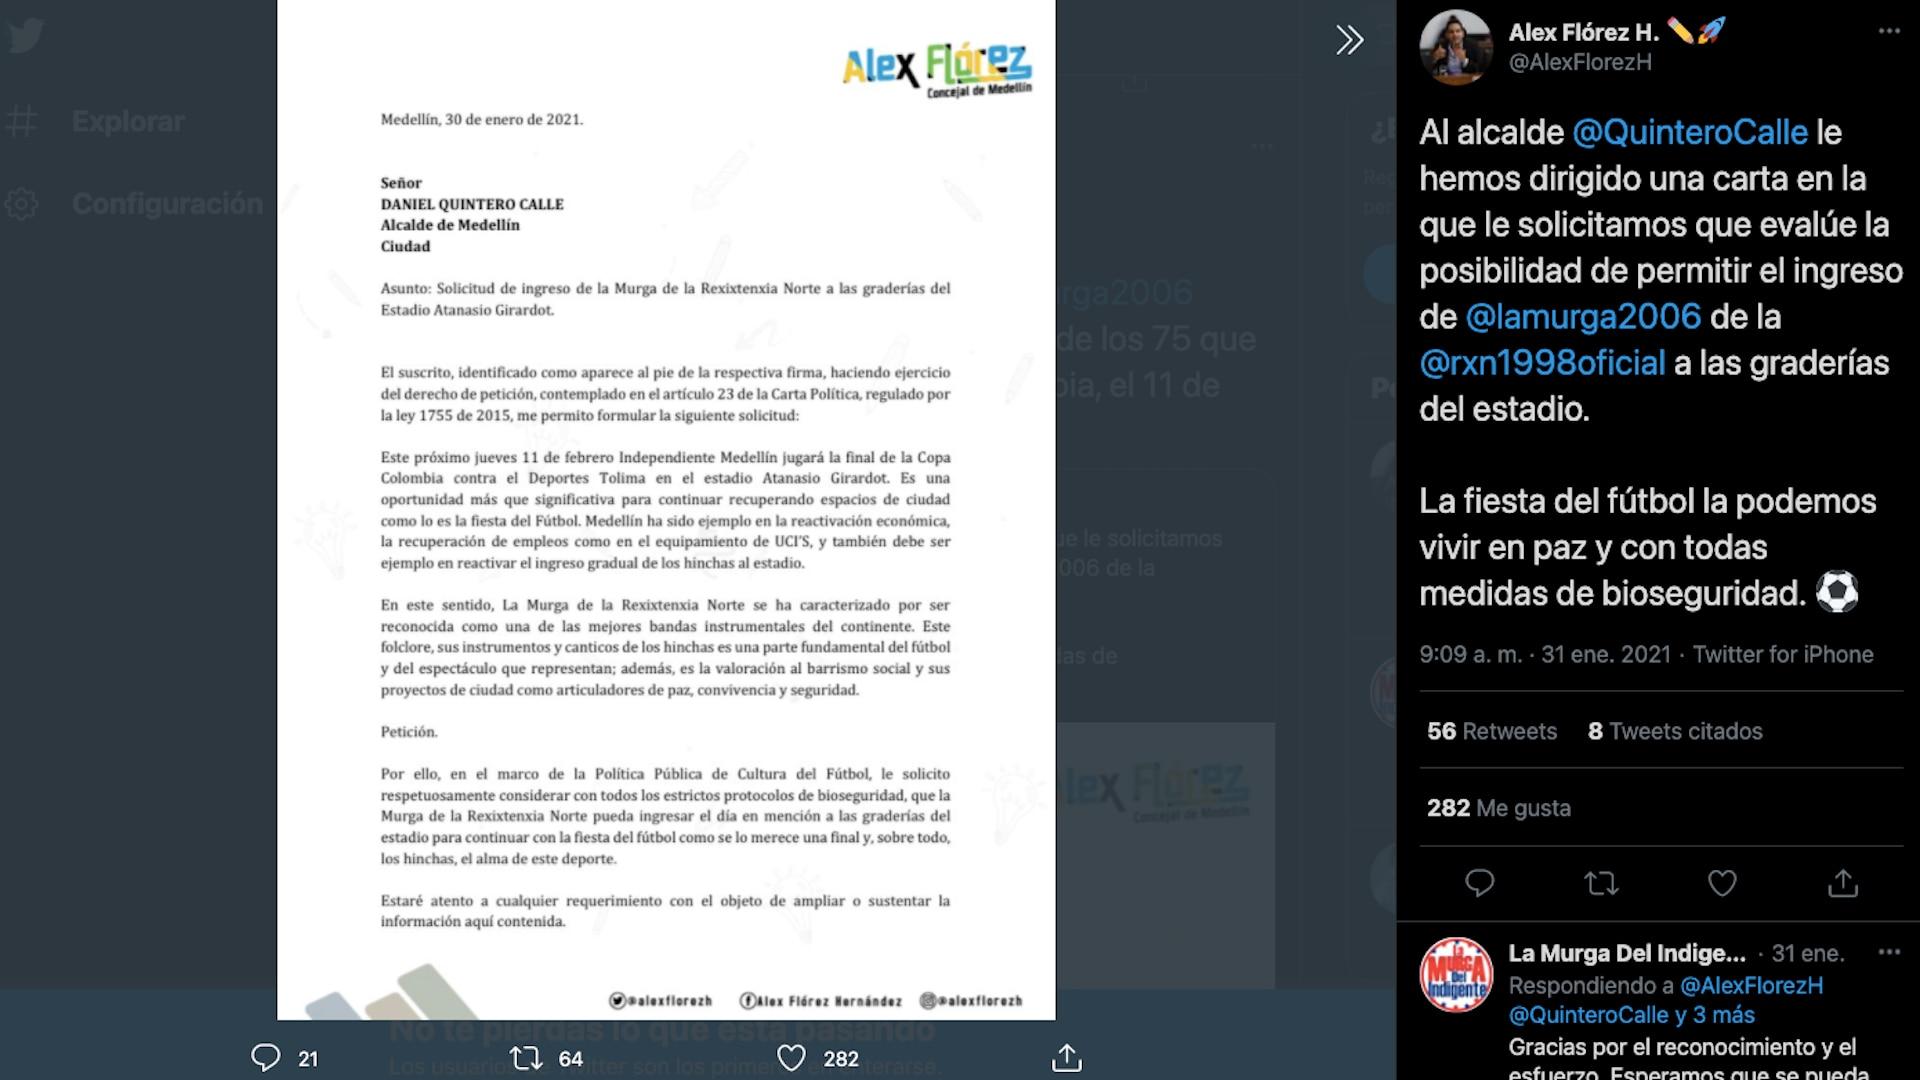 Concejal Álex Flórez envió carta a la Alcaldía de Medellín para gestionar los permisos para la entrada de hinchas al Atanasio Girardot en la final de la Copa Colombia 2020 / (Twitter: @AlexFlorezH).